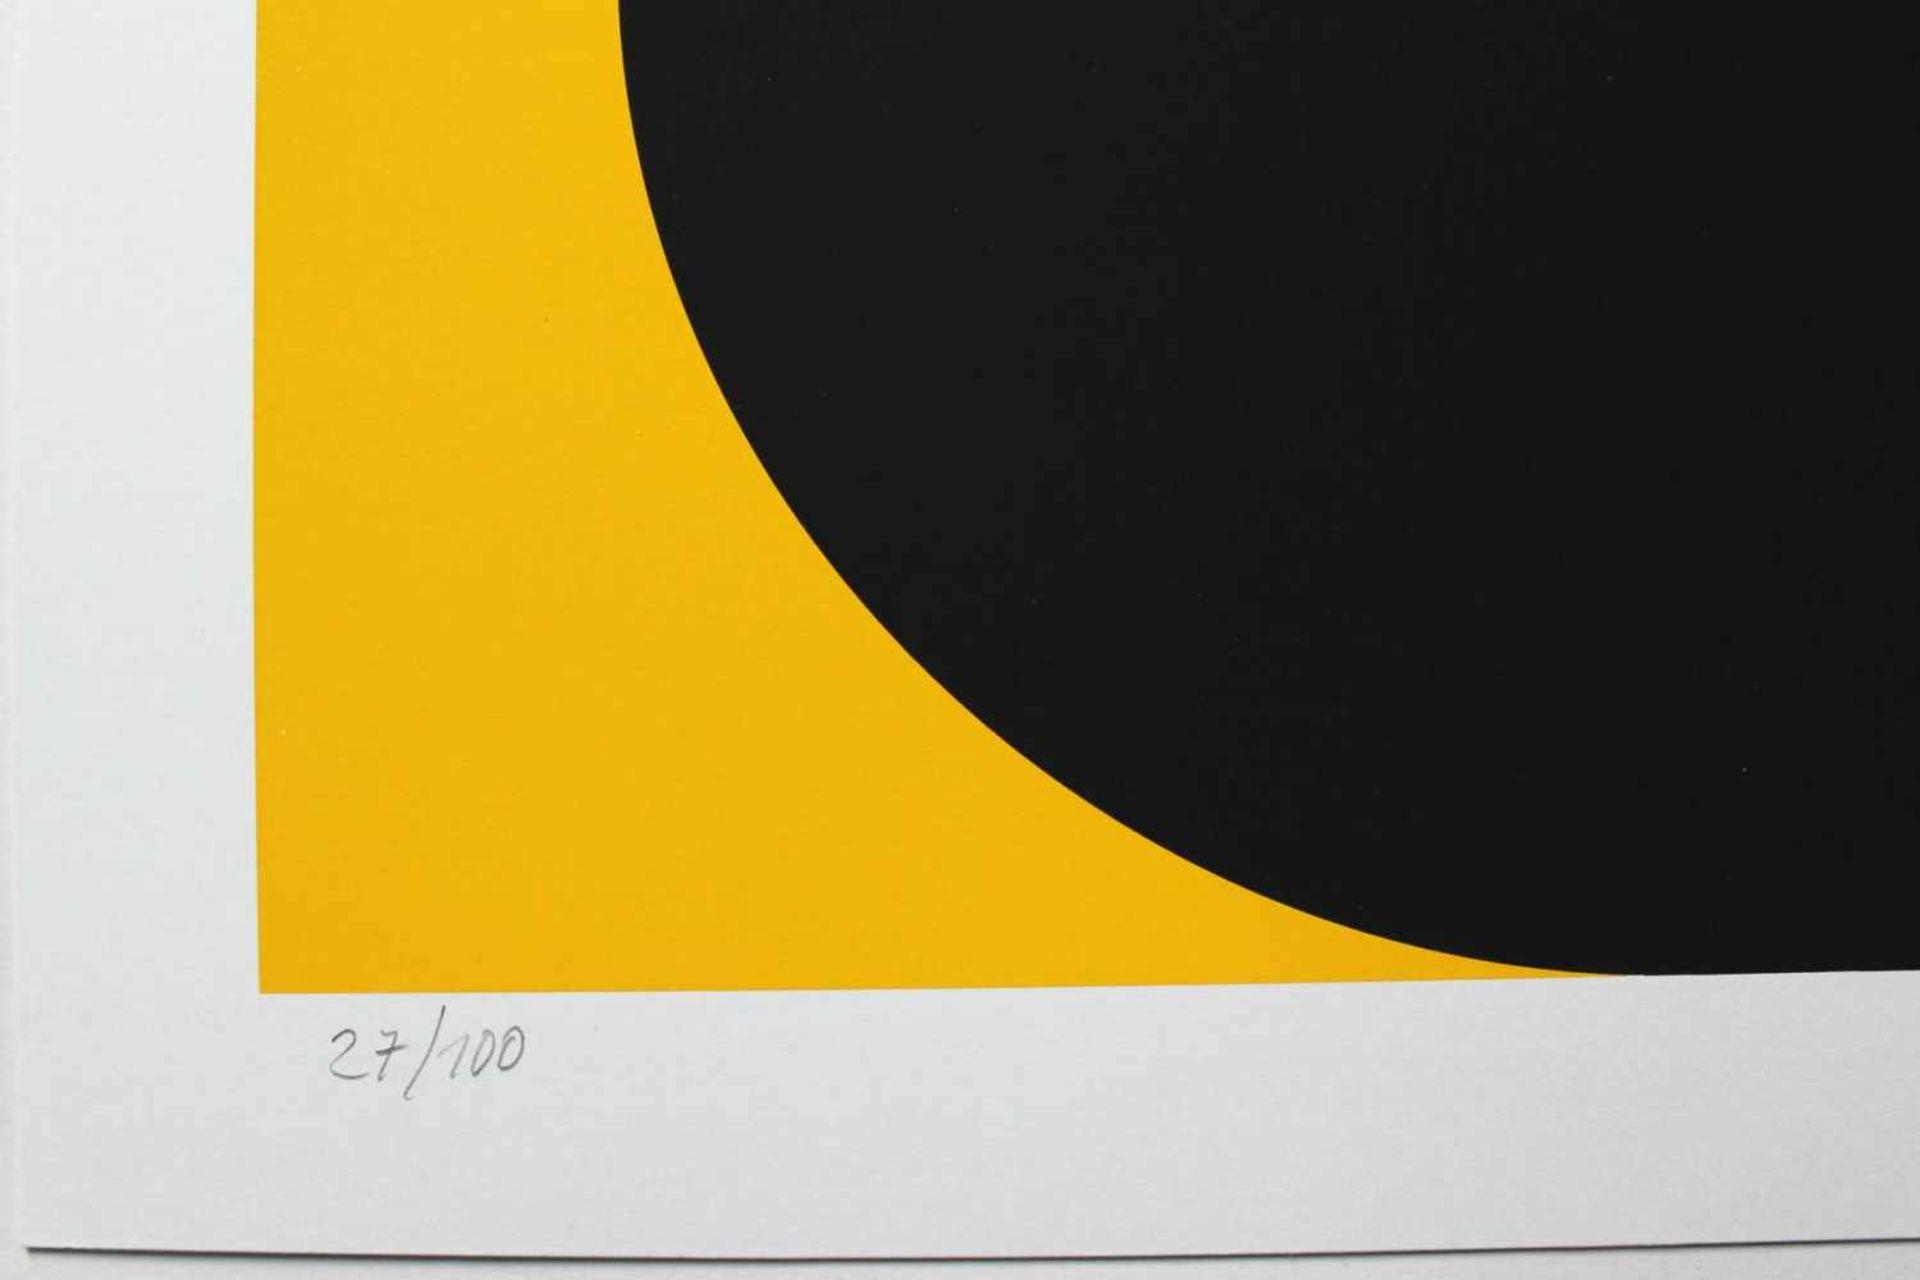 Horst Kuhnert geb. 1939 o.T. 1963/015 Farbserigraphie handsigniert, datiert und nummeriert 27/100 50 - Bild 3 aus 3